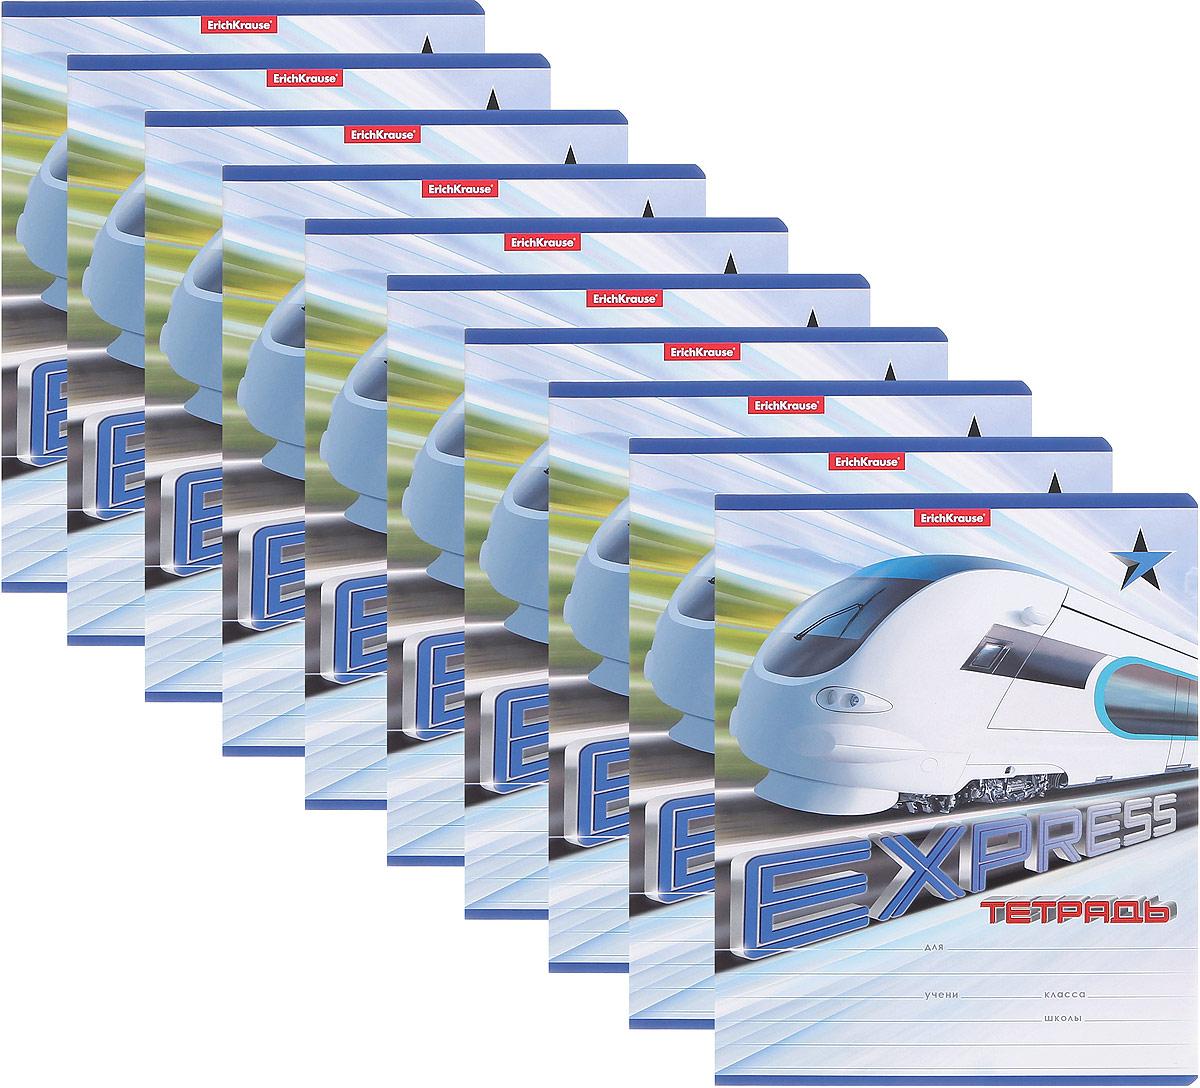 Erich Krause Набор тетрадей Express Train 18 листов в линейку 10 шт цвет голубой40110Тетрадь Erich Krause Express Train предназначена для школьников. Обложка тетради выполнена из тонкого гибкого картона с закругленными углами и оформлена динамичным изображением поезда. На задней стороне обложки представлено написание прописных букв русского и английского алфавитов.Внутренний блок тетрадей состоит из 18 листов белой бумаги, соединенных двумя металлическими скрепками. Стандартная разметка в линейку дополнена полями. В наборе 10 тетрадей.